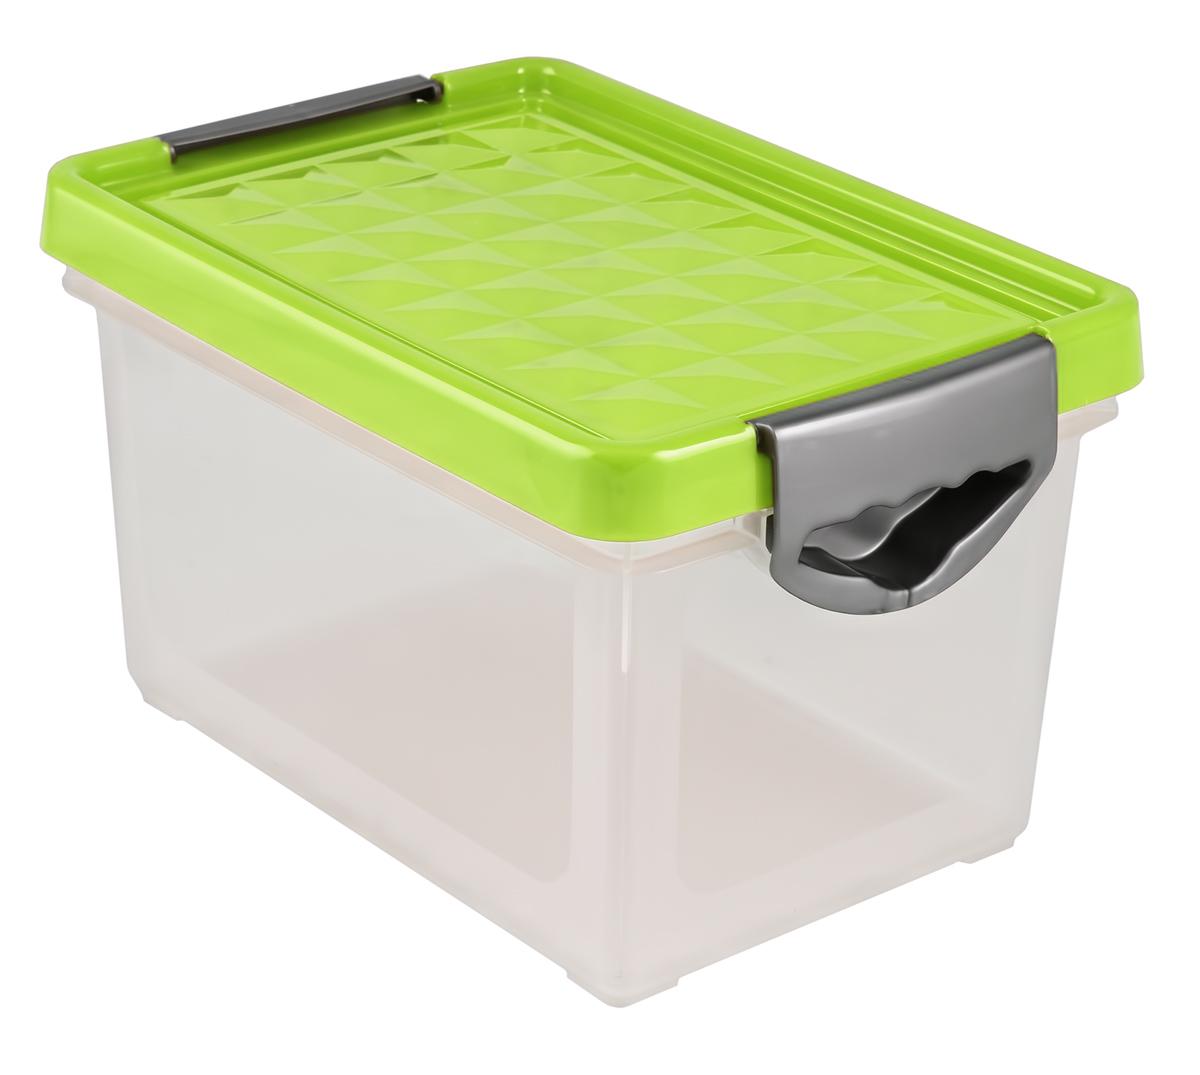 Ящик для хранения BranQ Systema, на колесиках, цвет: зеленый, прозрачный, 19 лBQ1002ЗЛПРУниверсальный ящик для хранения BranQ Systema, выполненный из прочного пластика, поможет правильно организовать пространство в доме и сэкономить место. В нем можно хранить все, что угодно: одежду, обувь, детские игрушки и многое другое. Прочный каркас ящика позволит хранить как легкие вещи, так и переносить собранный урожай овощей или фруктов. Изделие оснащено крышкой, которая защитит вещи от пыли, грязи и влаги.Эргономичные ручки-защелки, позволяют переносить ящик как с крышкой, так и без нее.